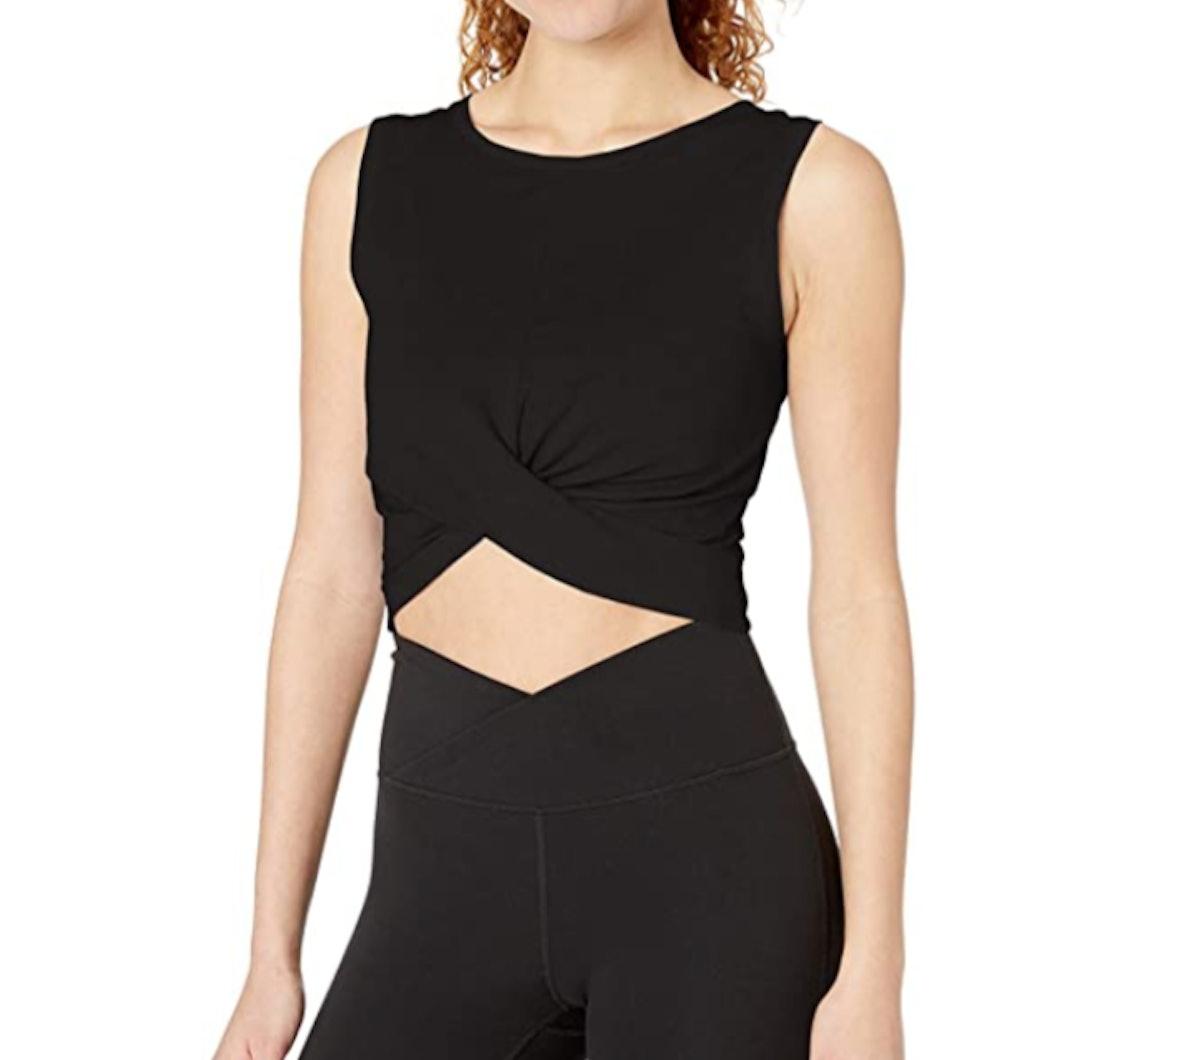 Amazon Brand - Core 10 Women's Cotton Blend Cropped Tank